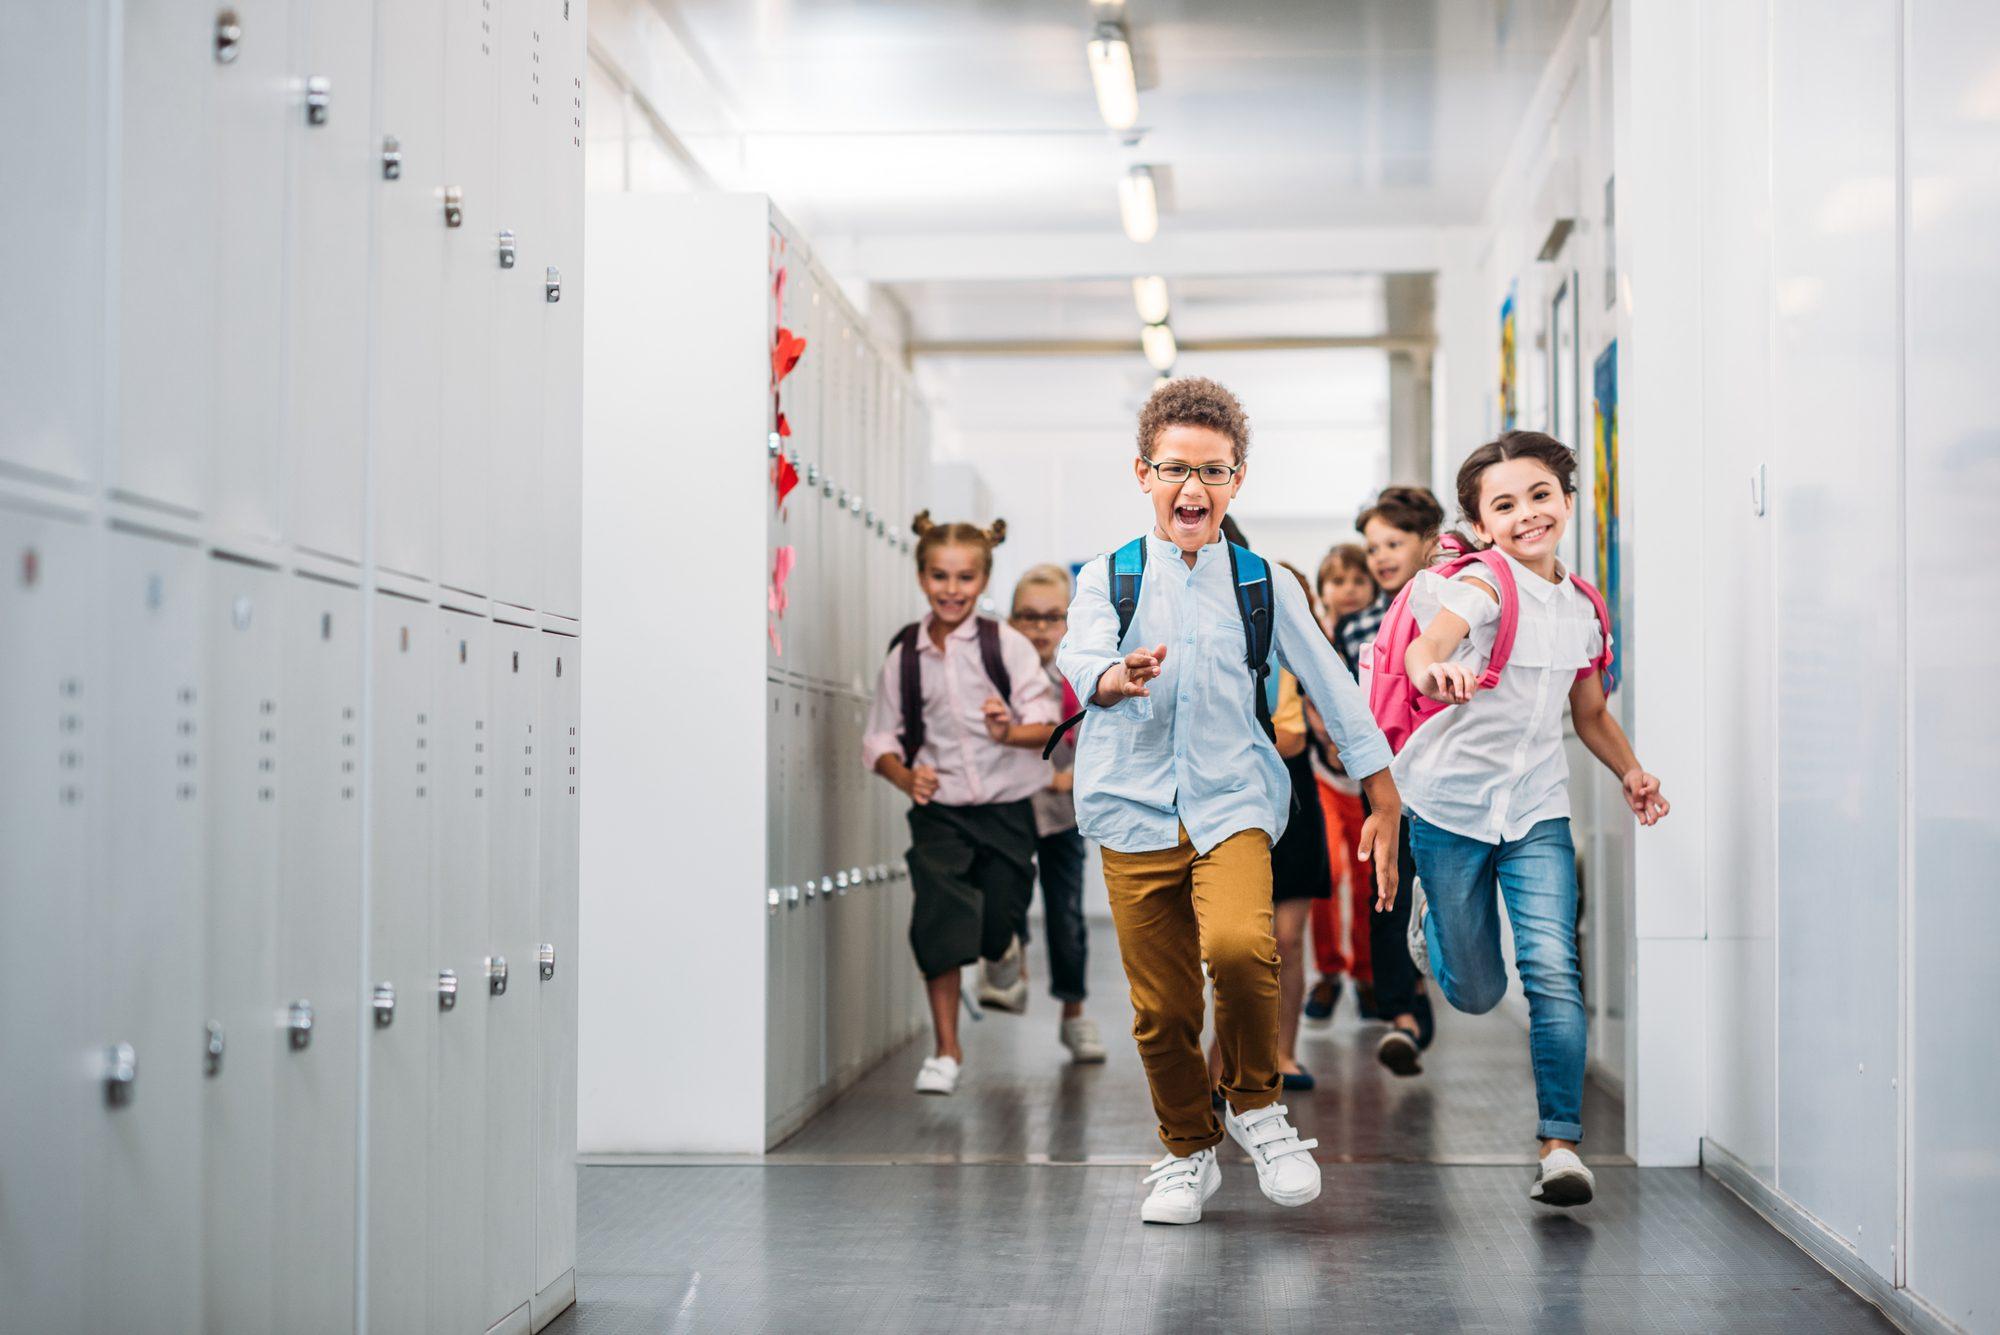 children running in the hallway in school